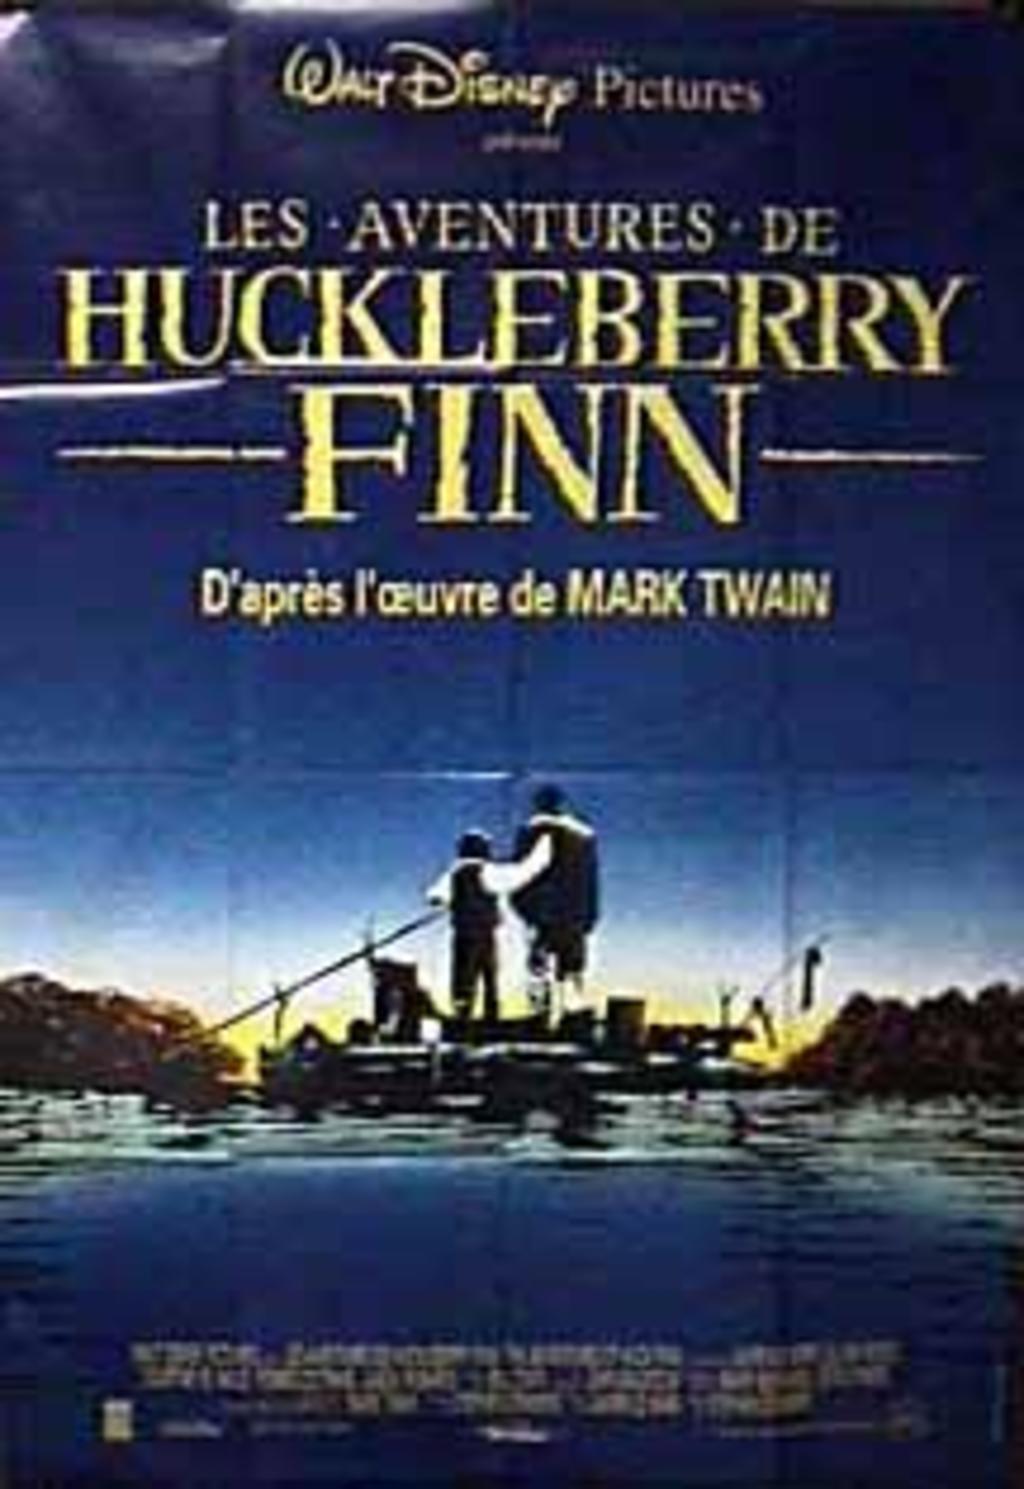 Les Aventures De Huckleberry Finn Film : aventures, huckleberry, Watch, Adventures, Netflix, Today!, NetflixMovies.com